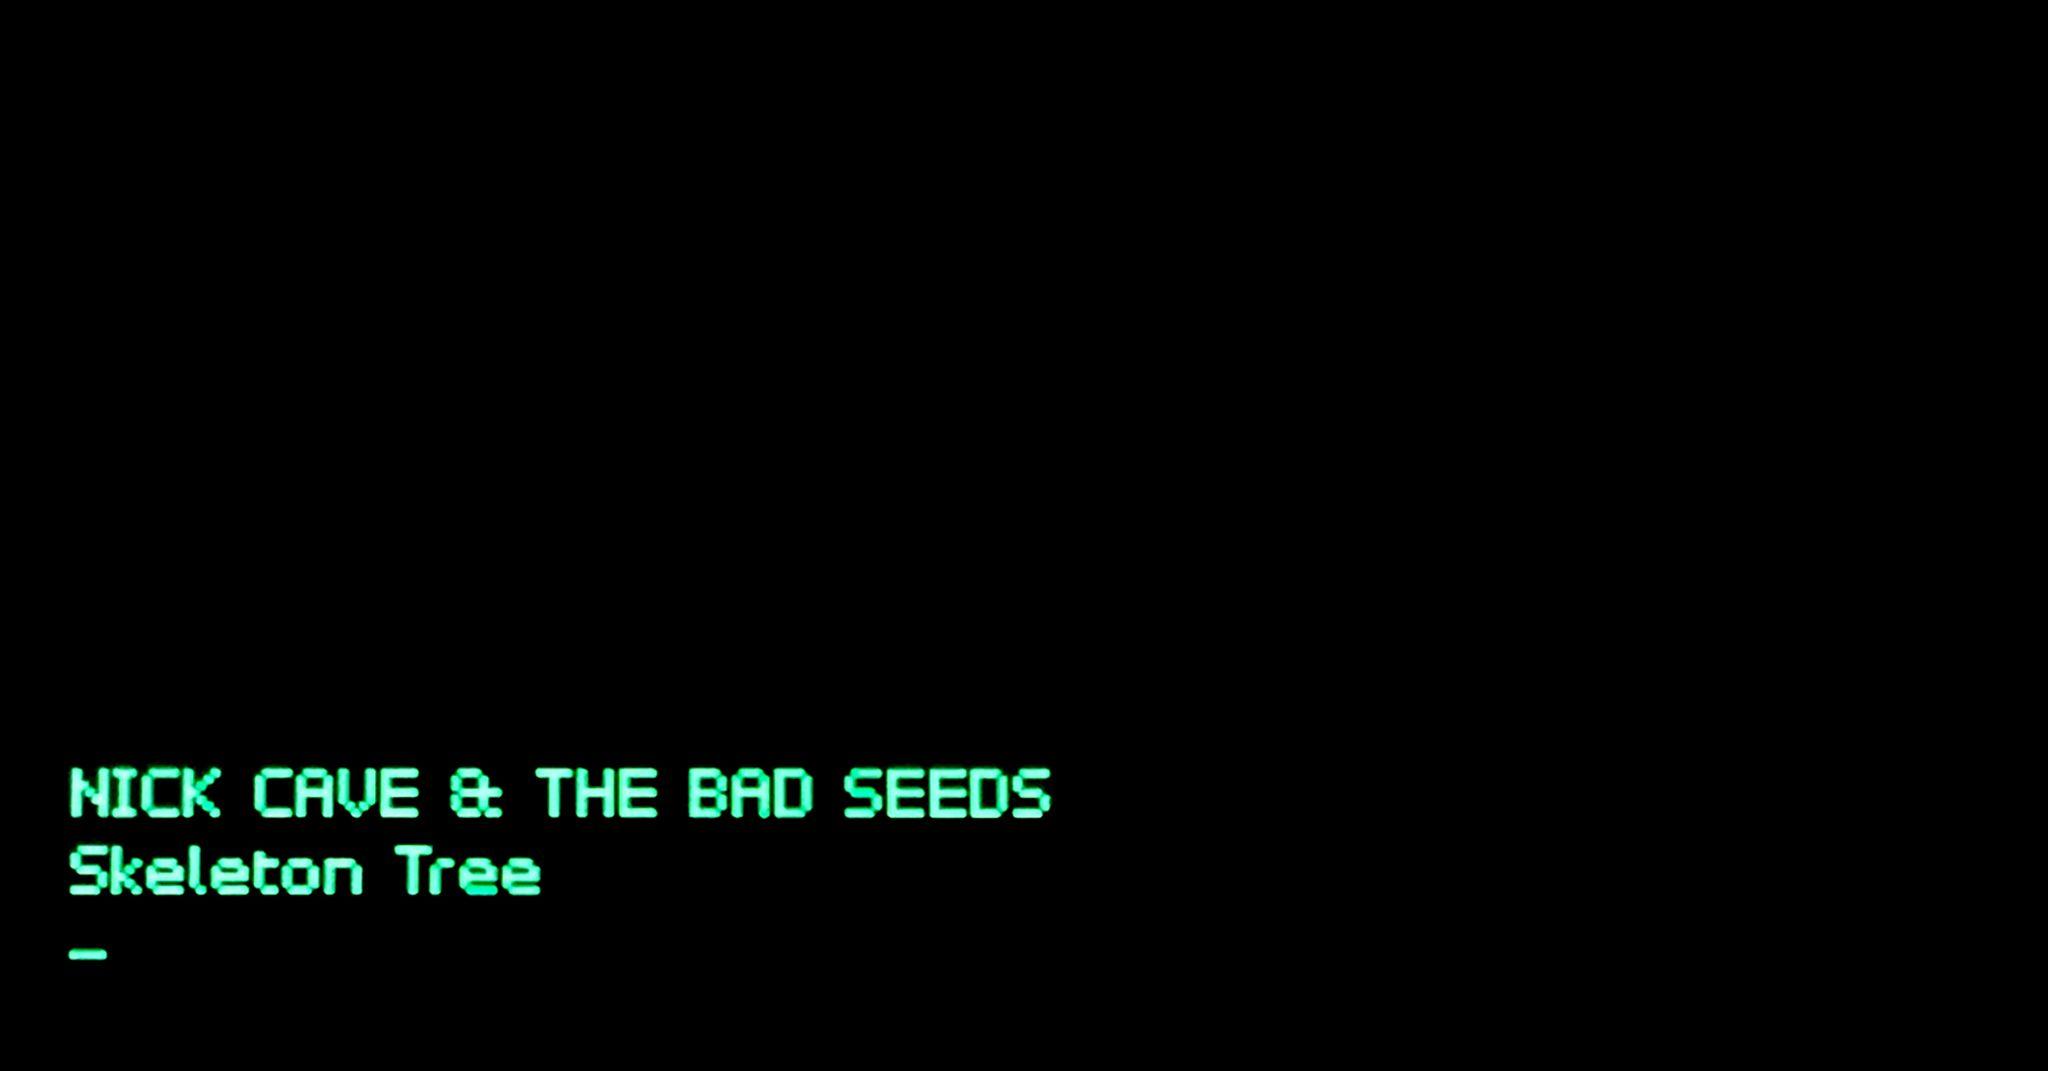 """Piękno zrodzone z żałoby. Nick Cave & The Bad Seeds """"Skeleton Tree"""", recenzja sPlay"""